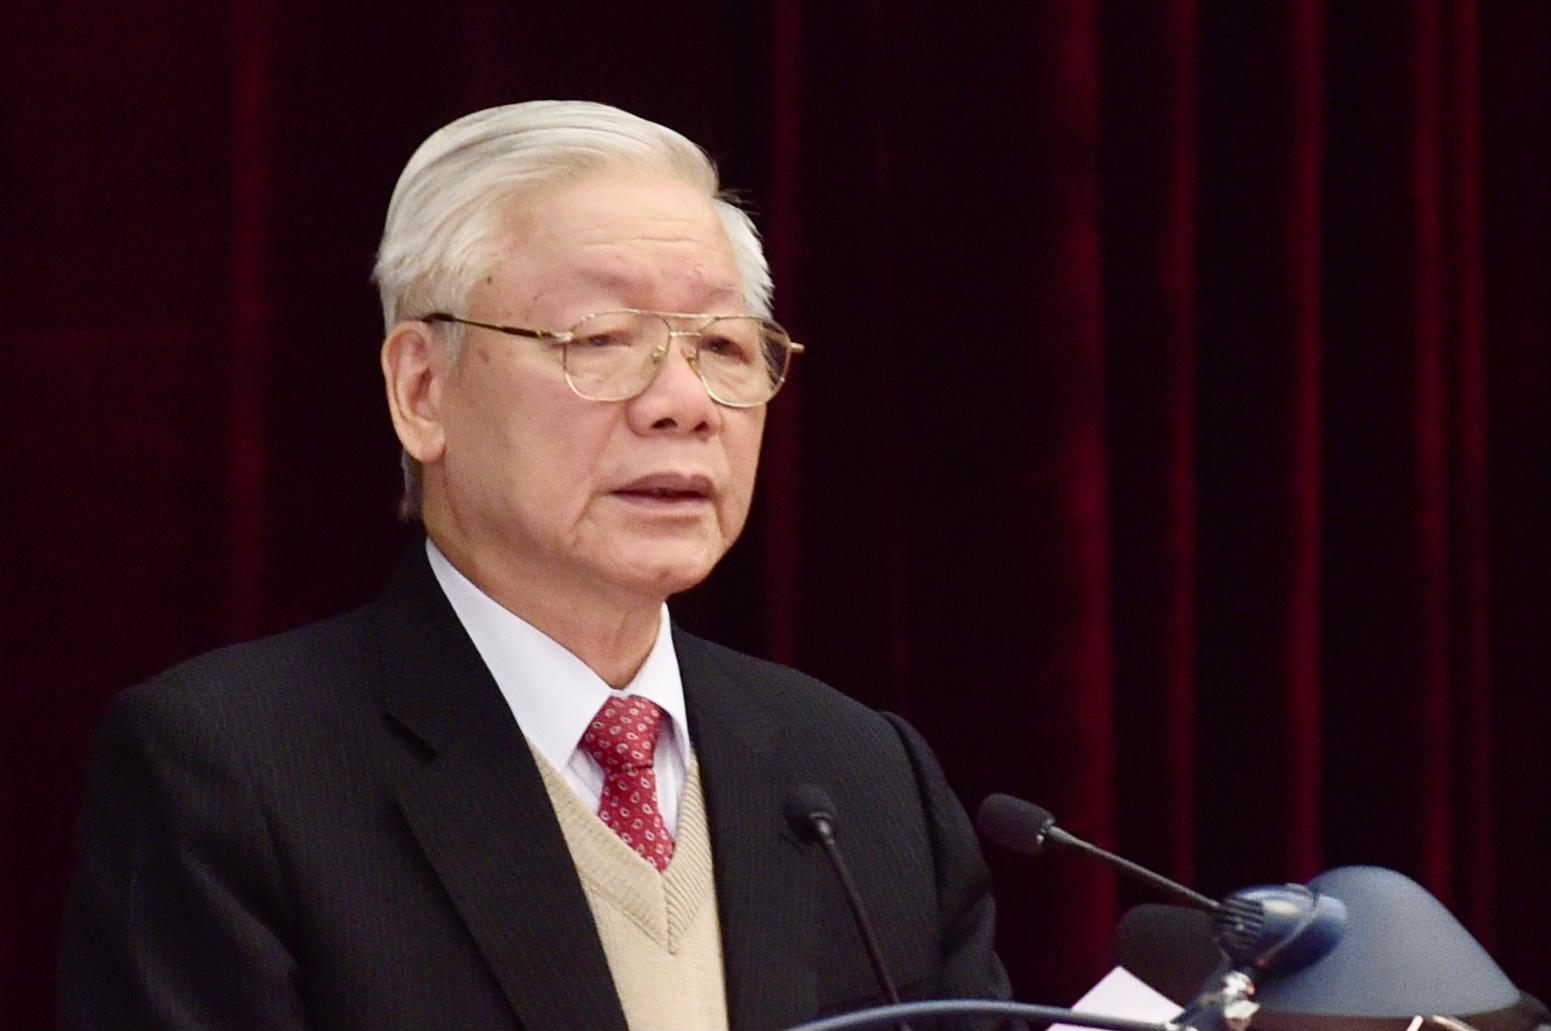 Tổng Bí thư, Chủ tịch nước Nguyễn Phú Trọng phát biểu khai mạc Hội nghị Trung ương 15. Ảnh: VGP